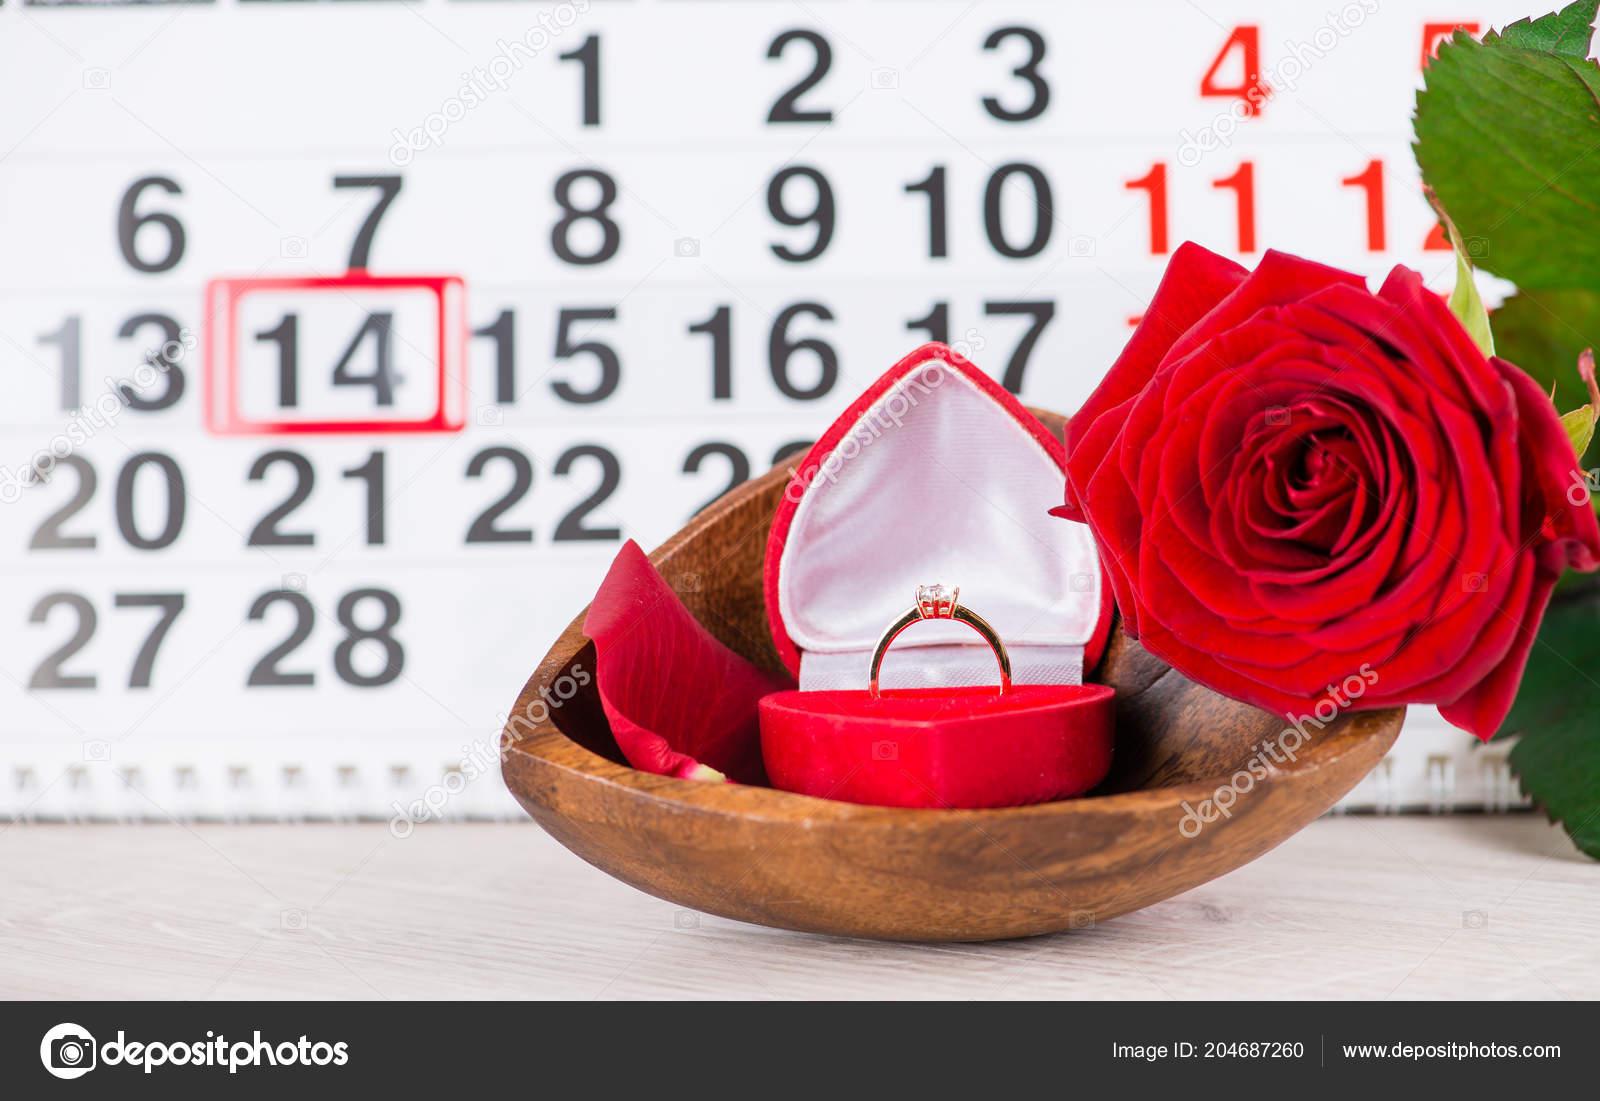 306ddb6749af anillo de compromiso